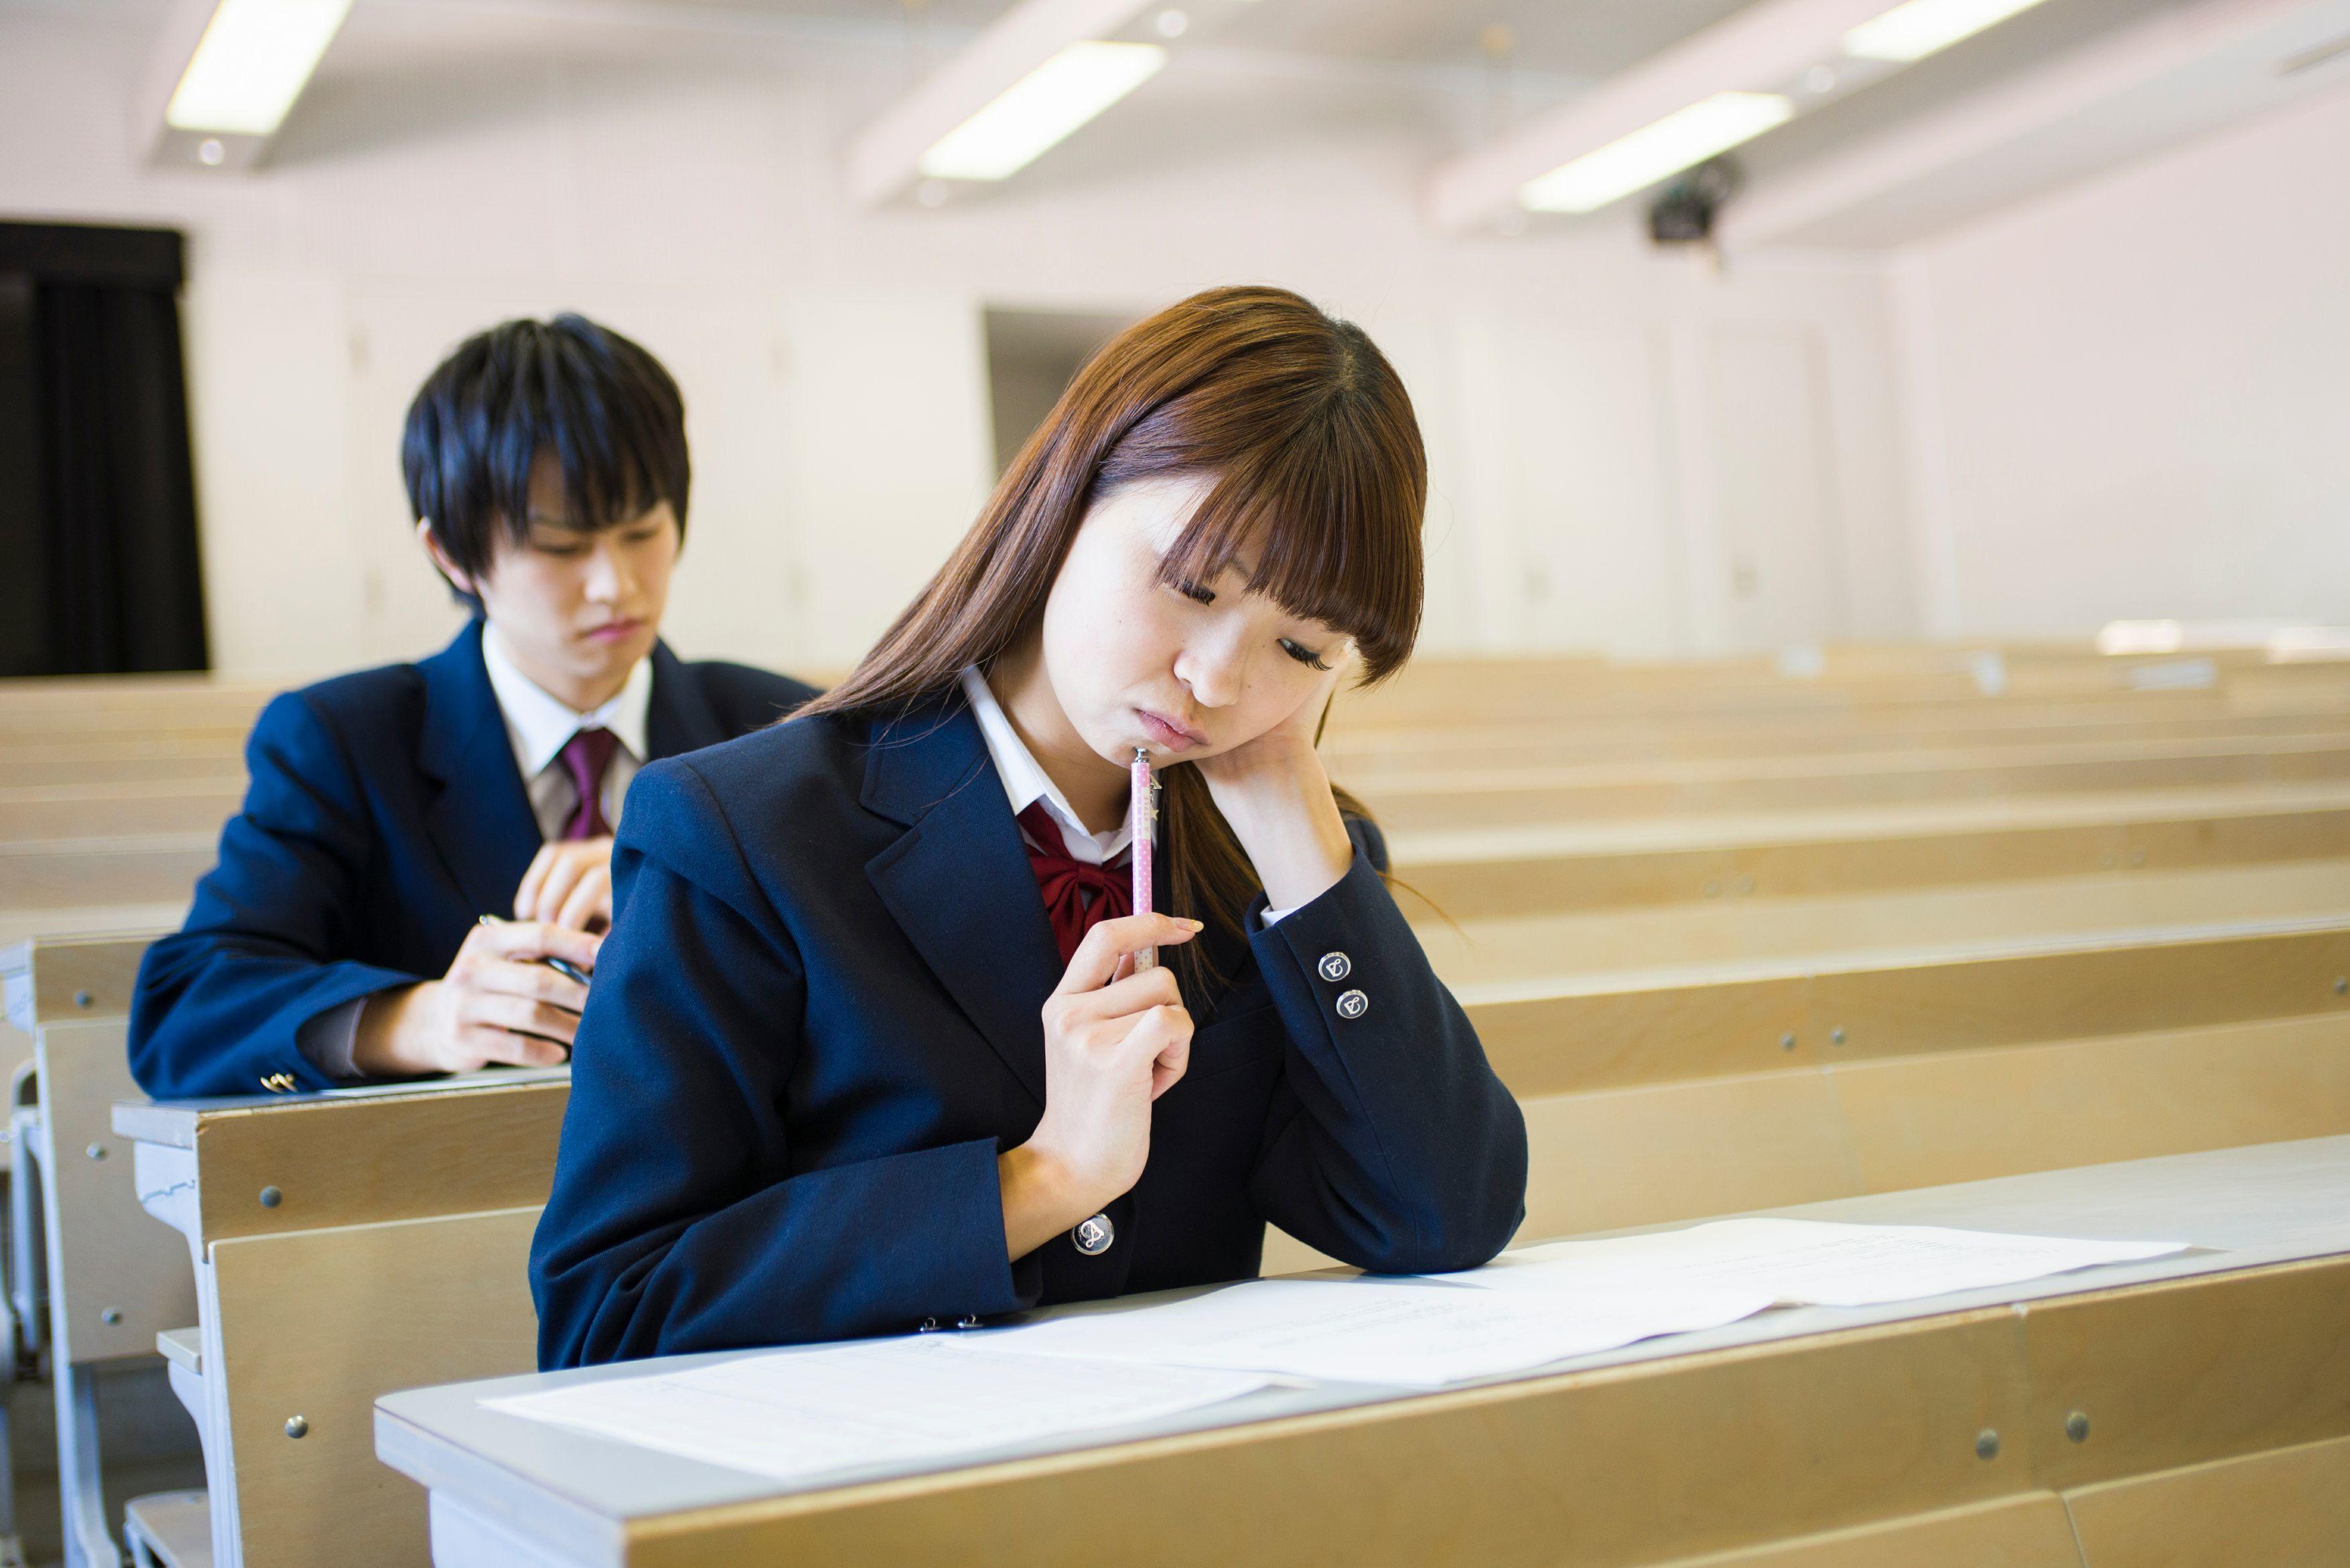 考研失败的人,80%都有这些坏习惯!